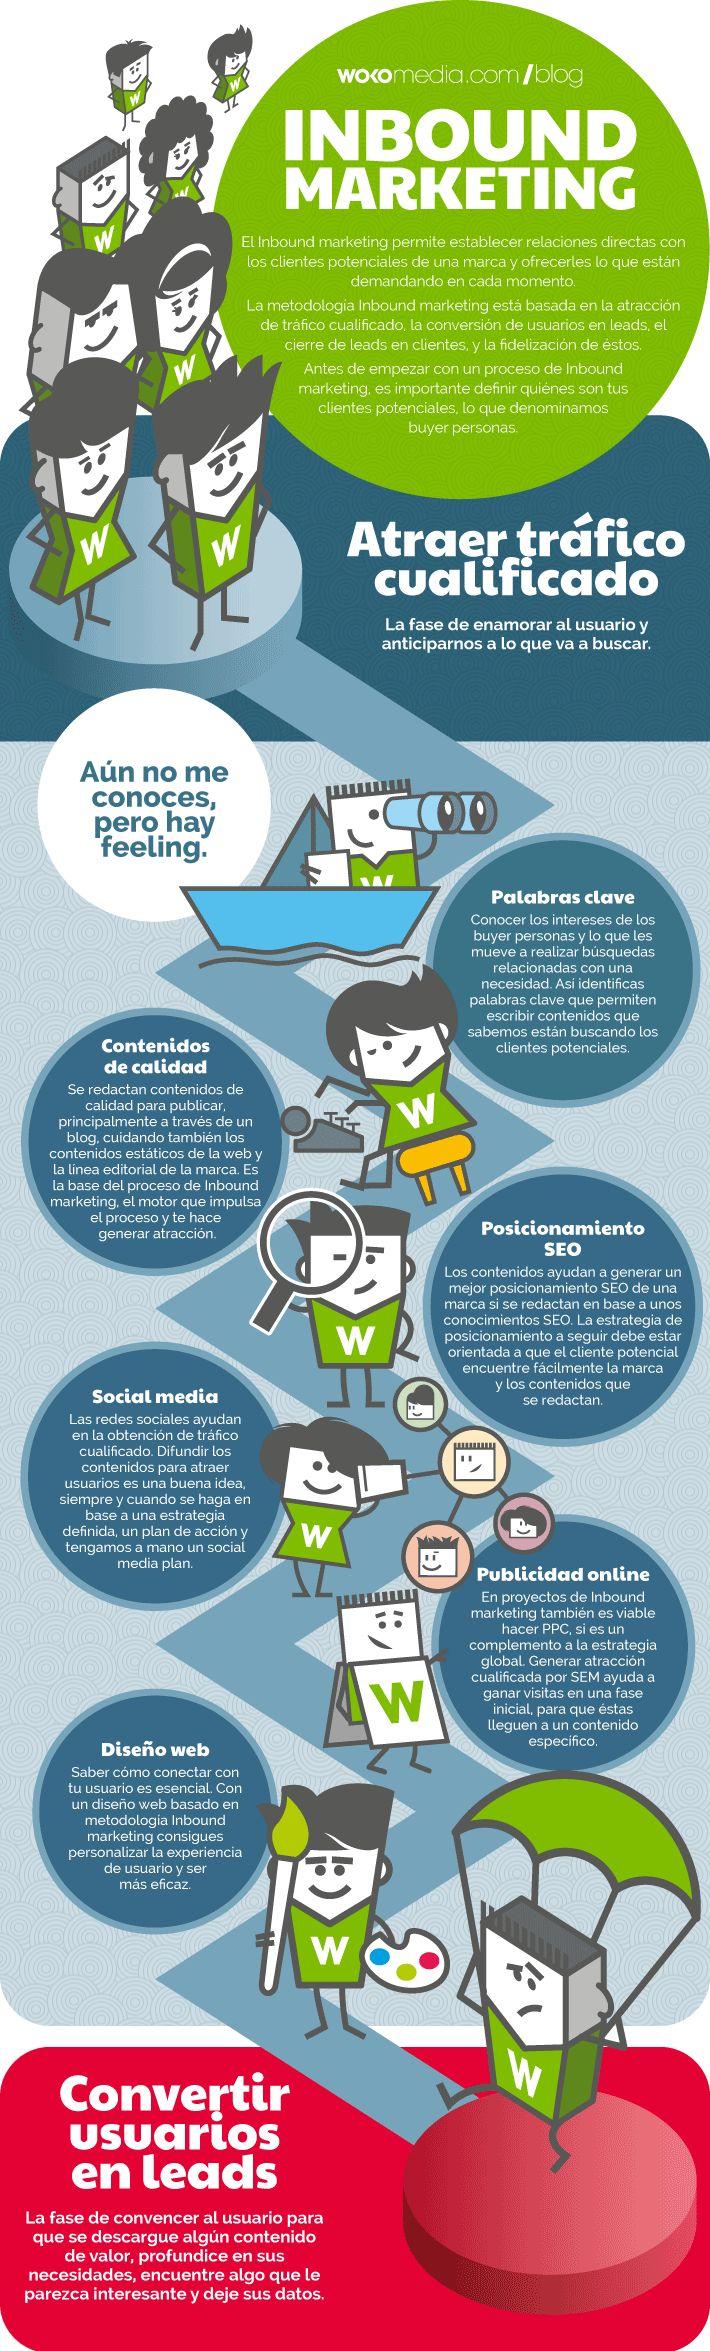 Qué es Inbound Marketing #infografia #infographic #marketing   TICs y Formación